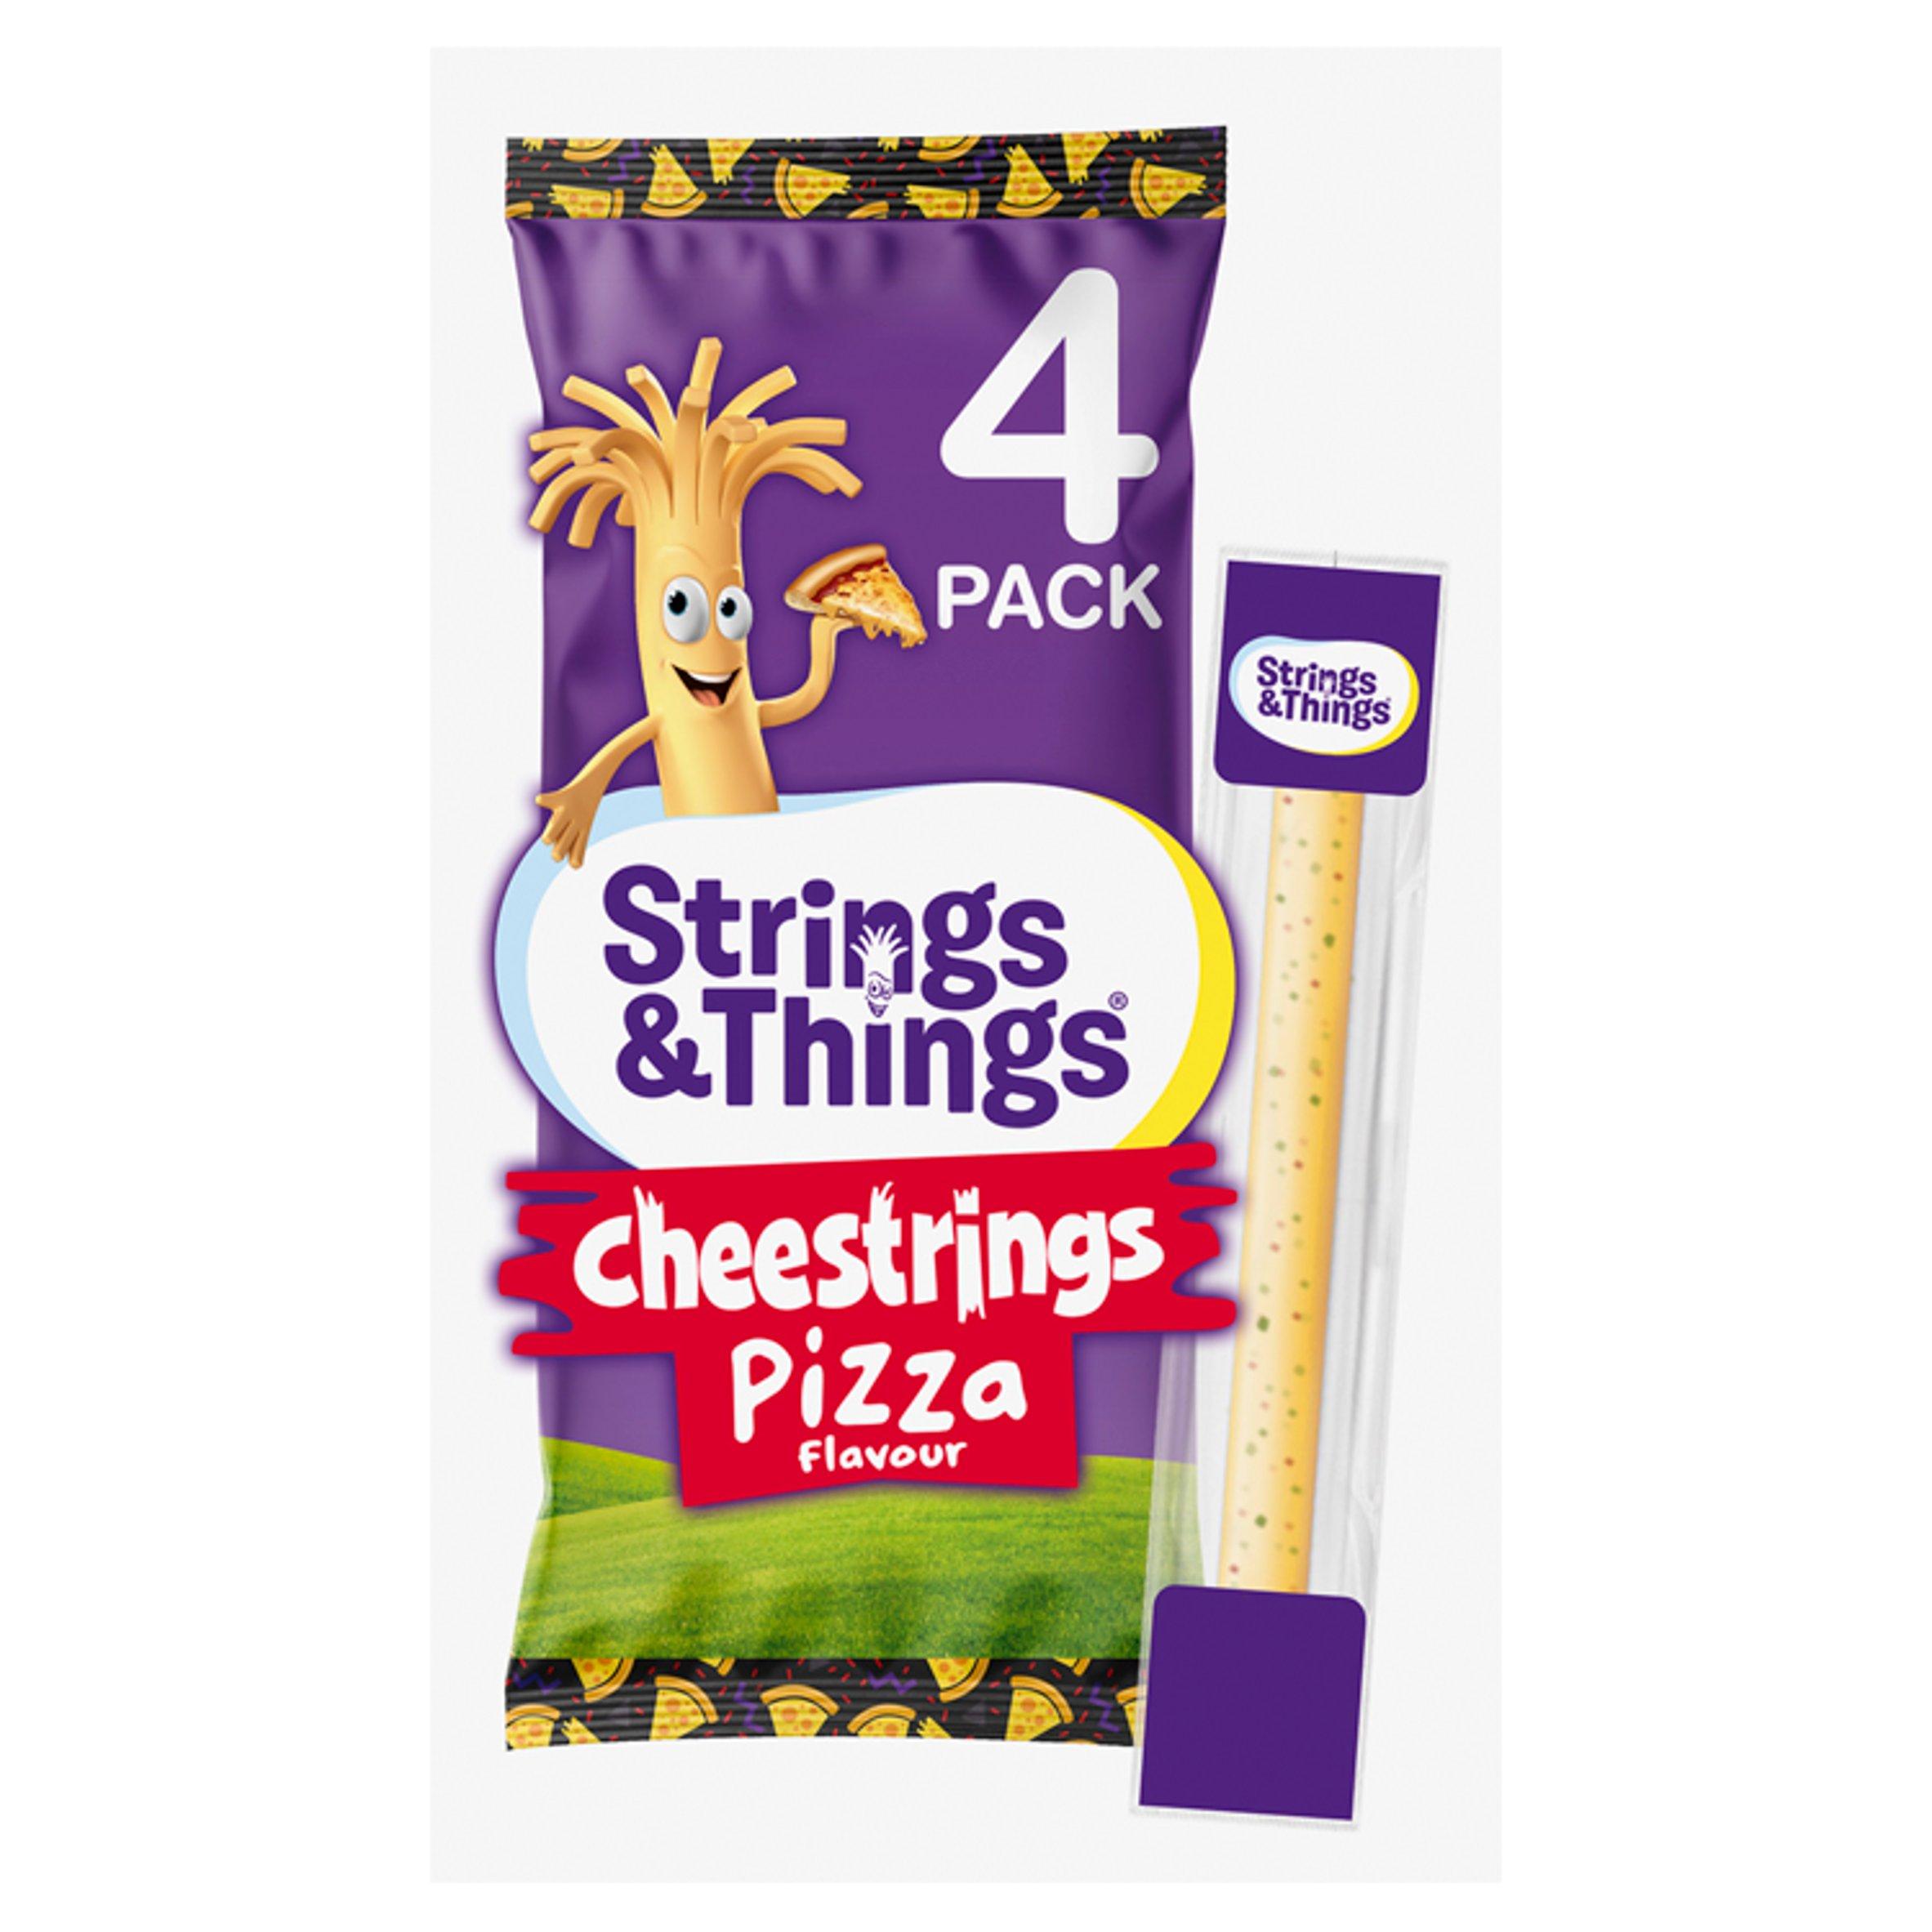 Strings & Things Cheestrings Pizza 4 Pack 80G